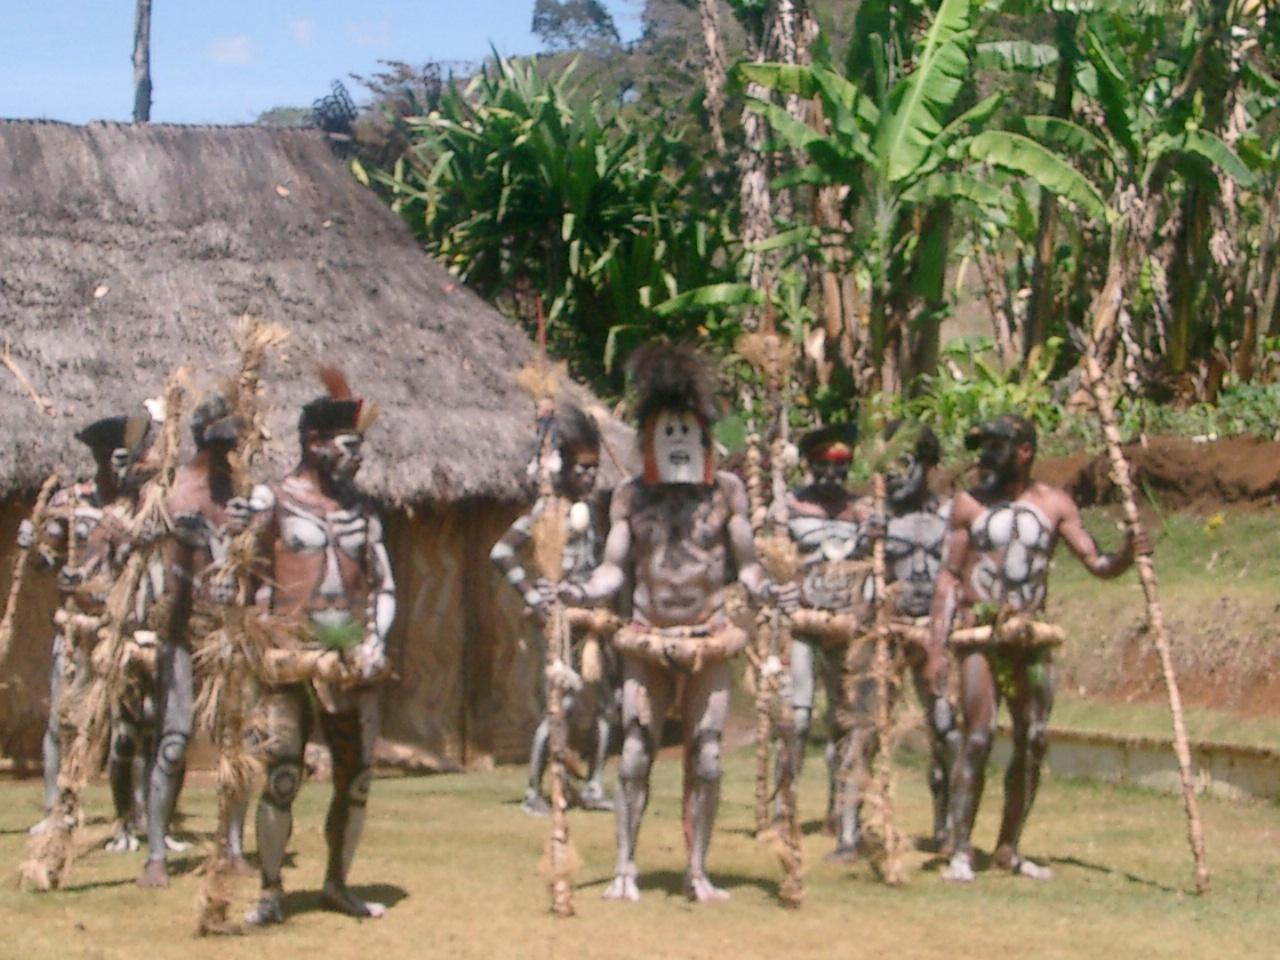 パプアニューギニア旅行 [写真版] ムームーダンス (8.15) 08夏